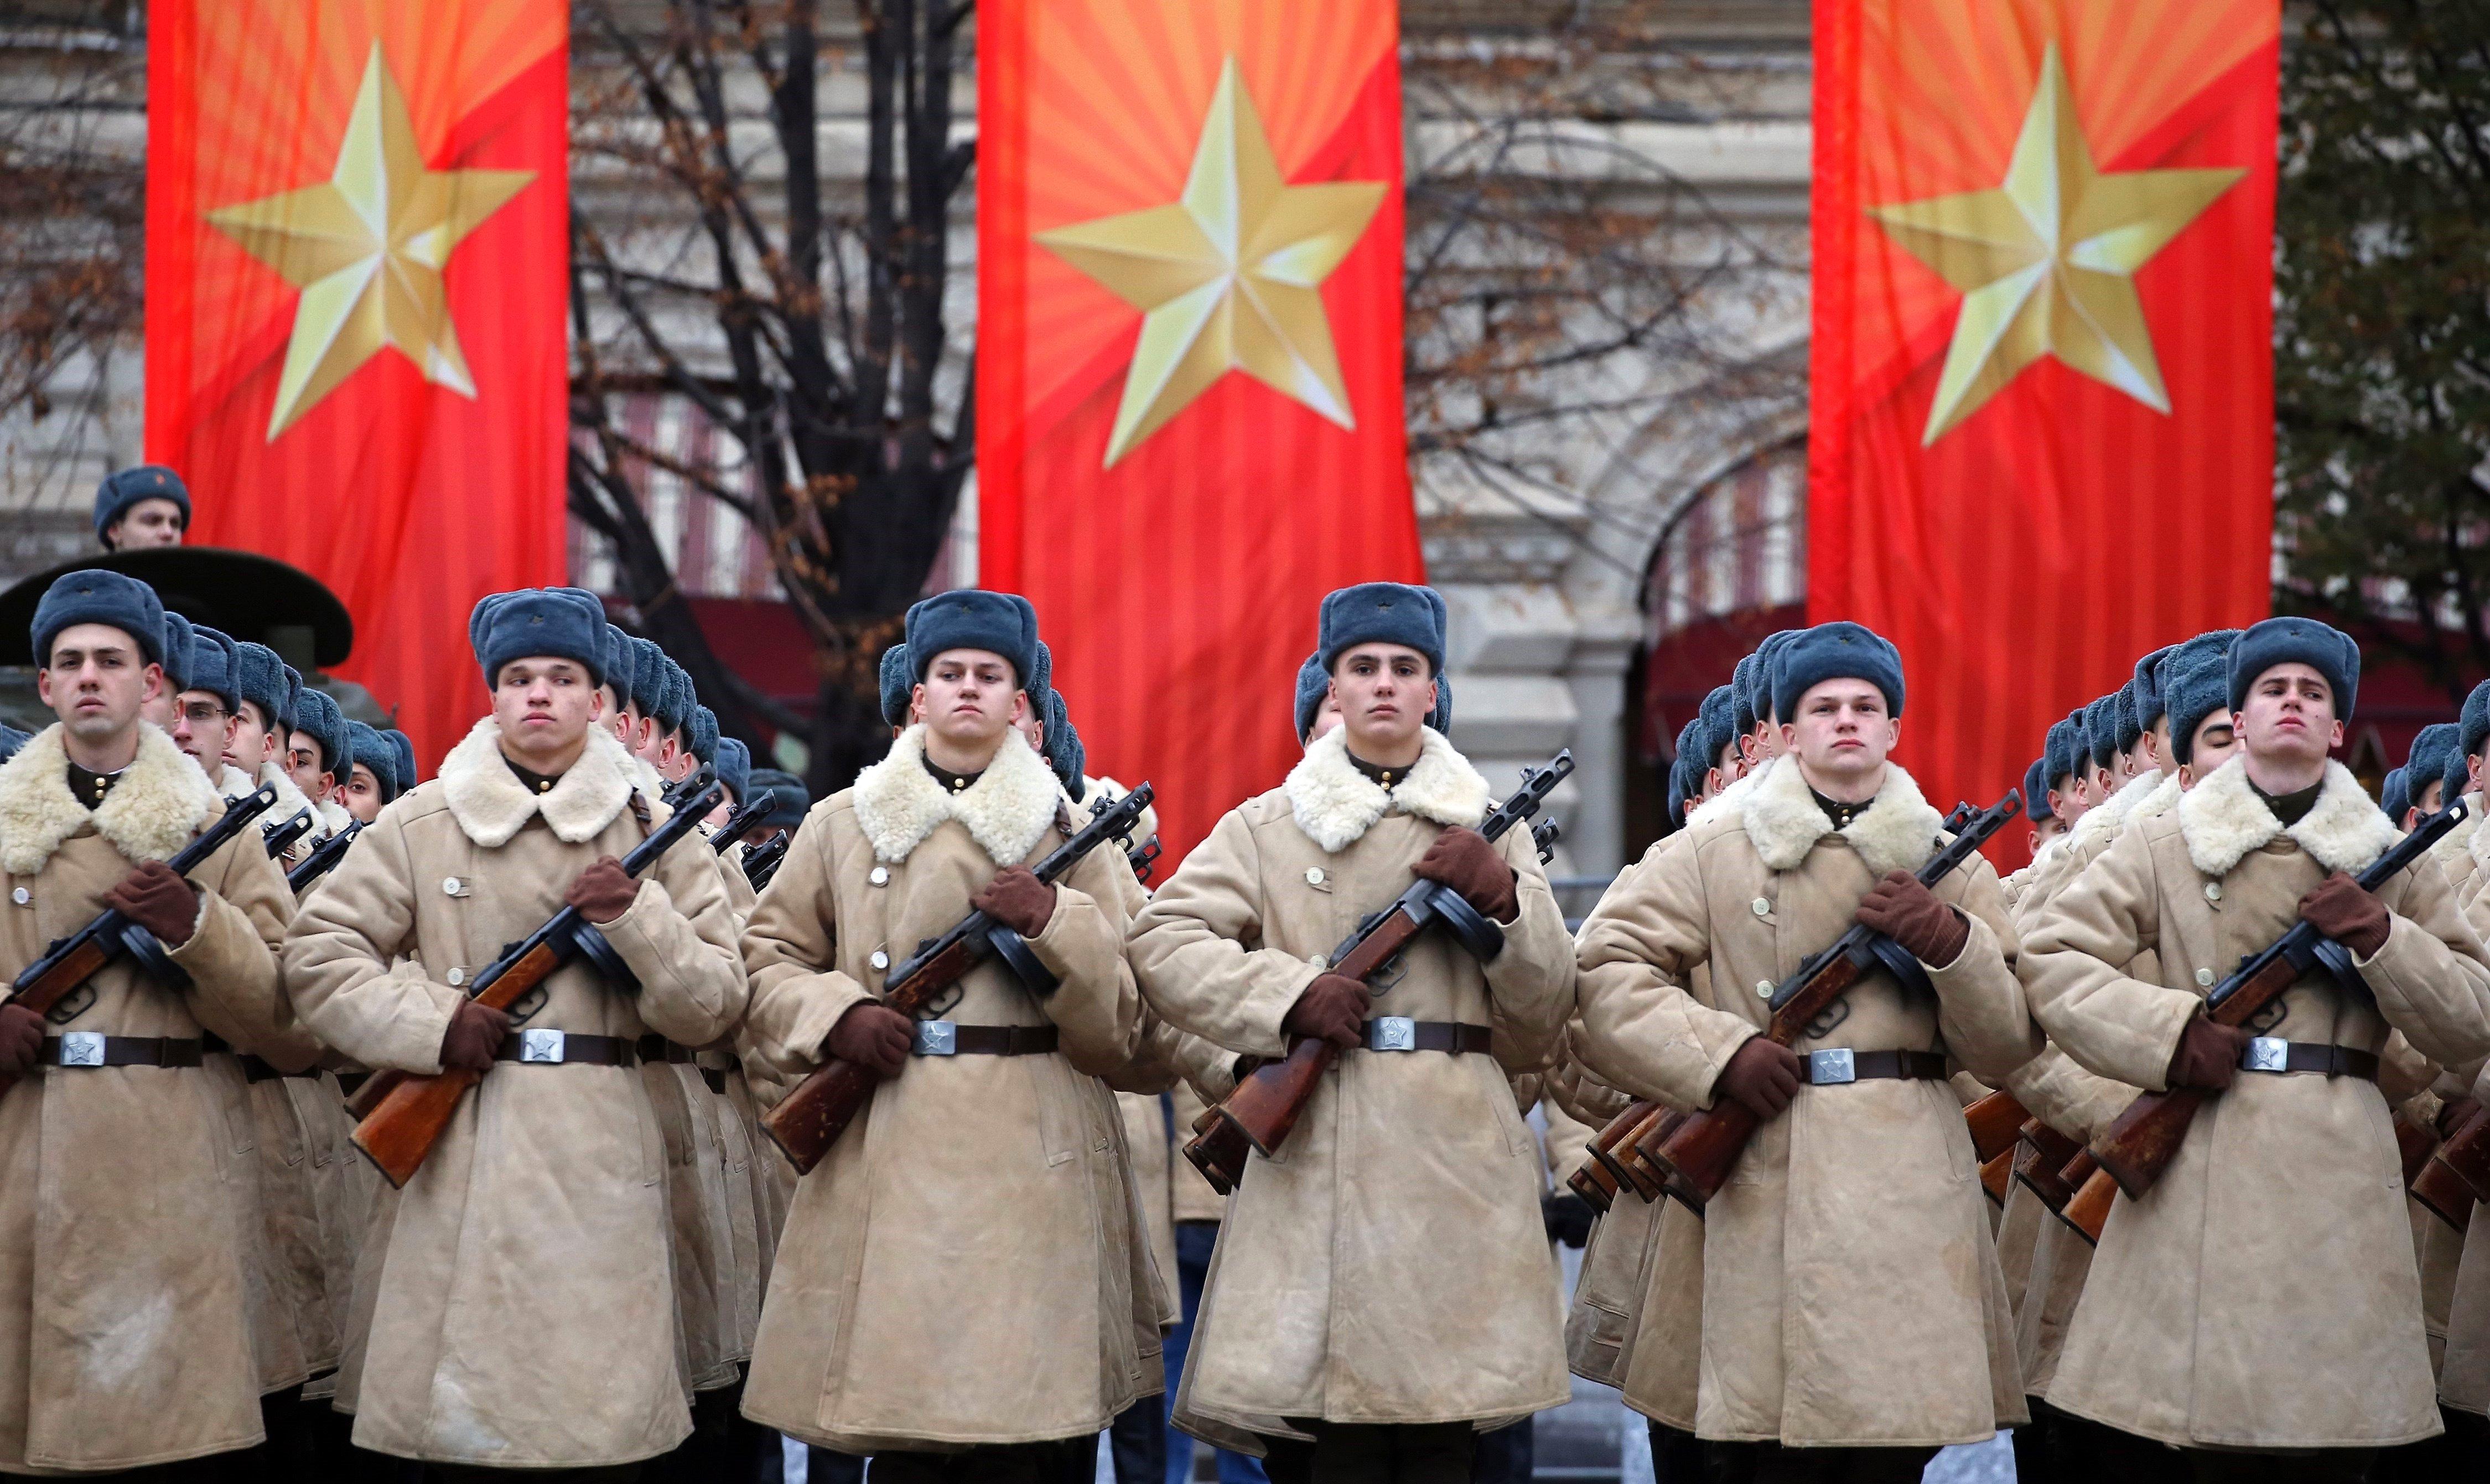 Soldats participen en les celebracions del centenari de la Revolució d'Octubre a la Plaça Vermella a Moscou (Rússia). /YURI KOCHETKOV